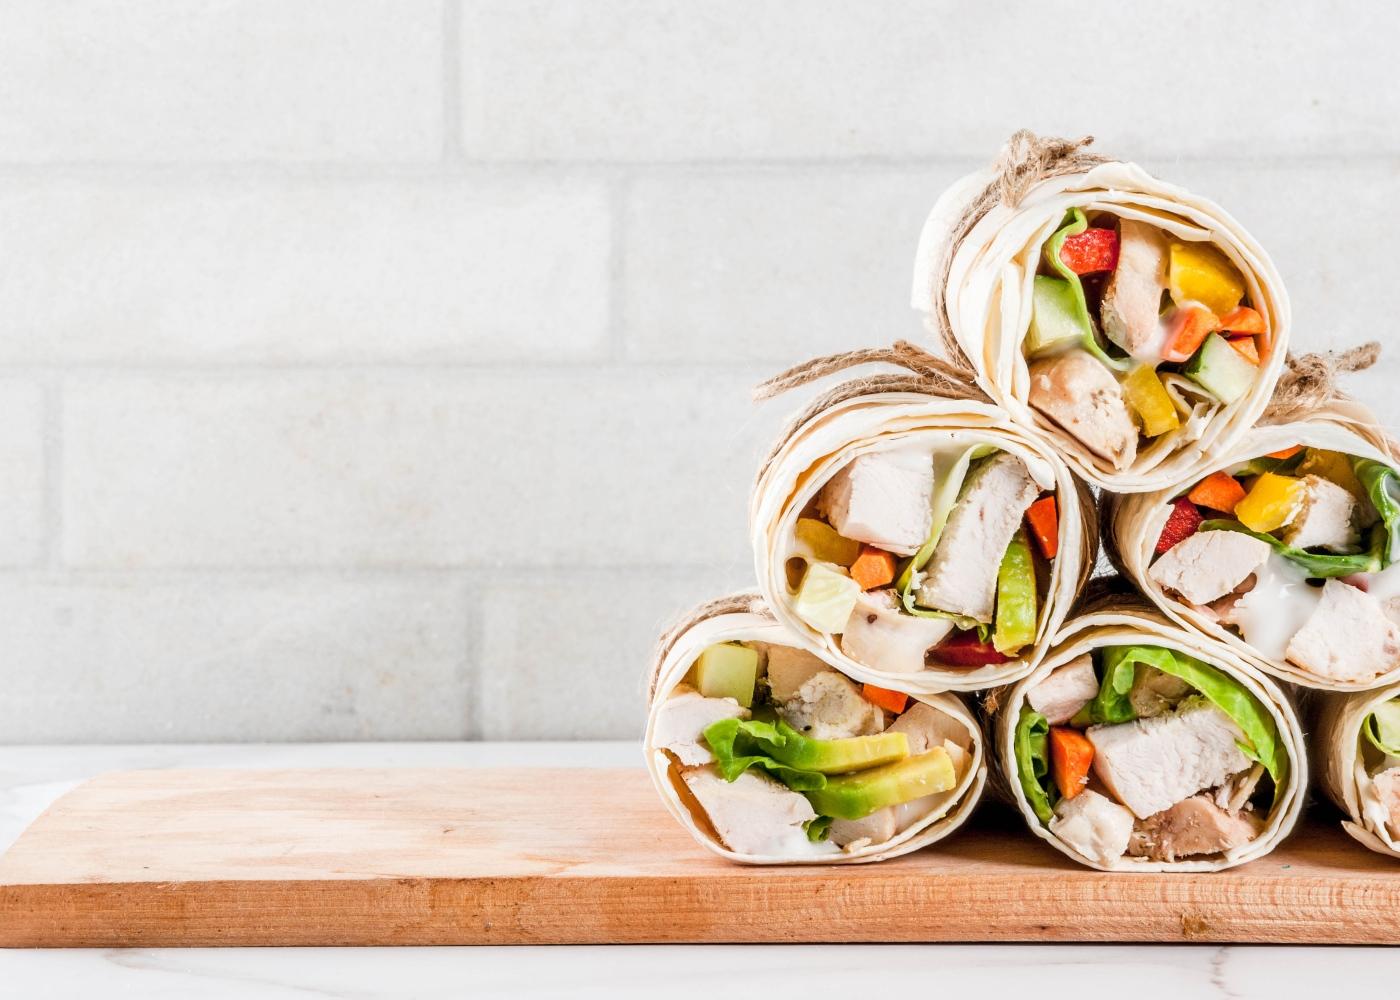 Wraps de frango e abacaxi em cima de tábua de madeira